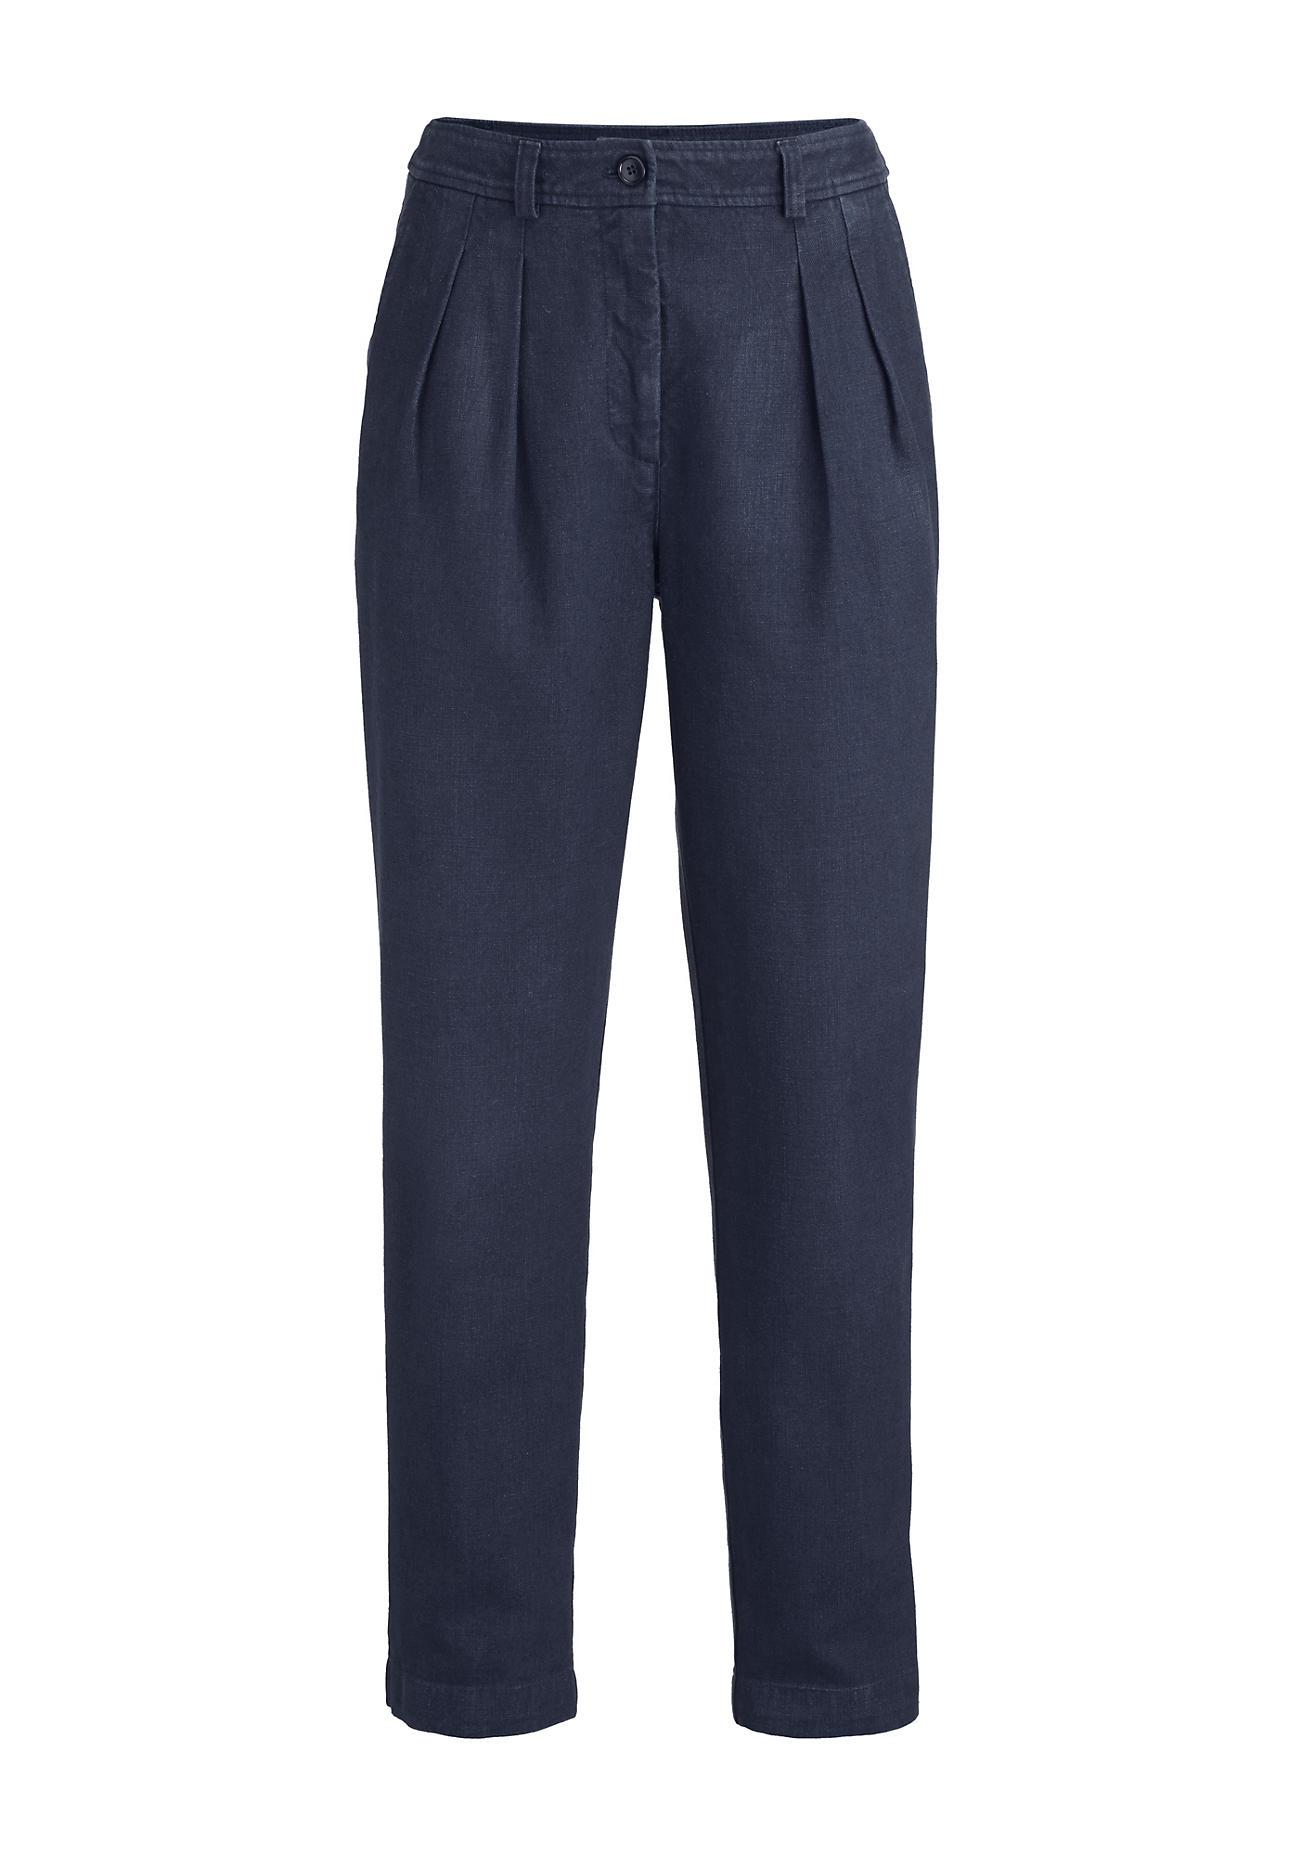 Hosen - hessnatur Damen 7 8 Hose aus Hanf mit Bio Baumwolle – blau –  - Onlineshop Hessnatur